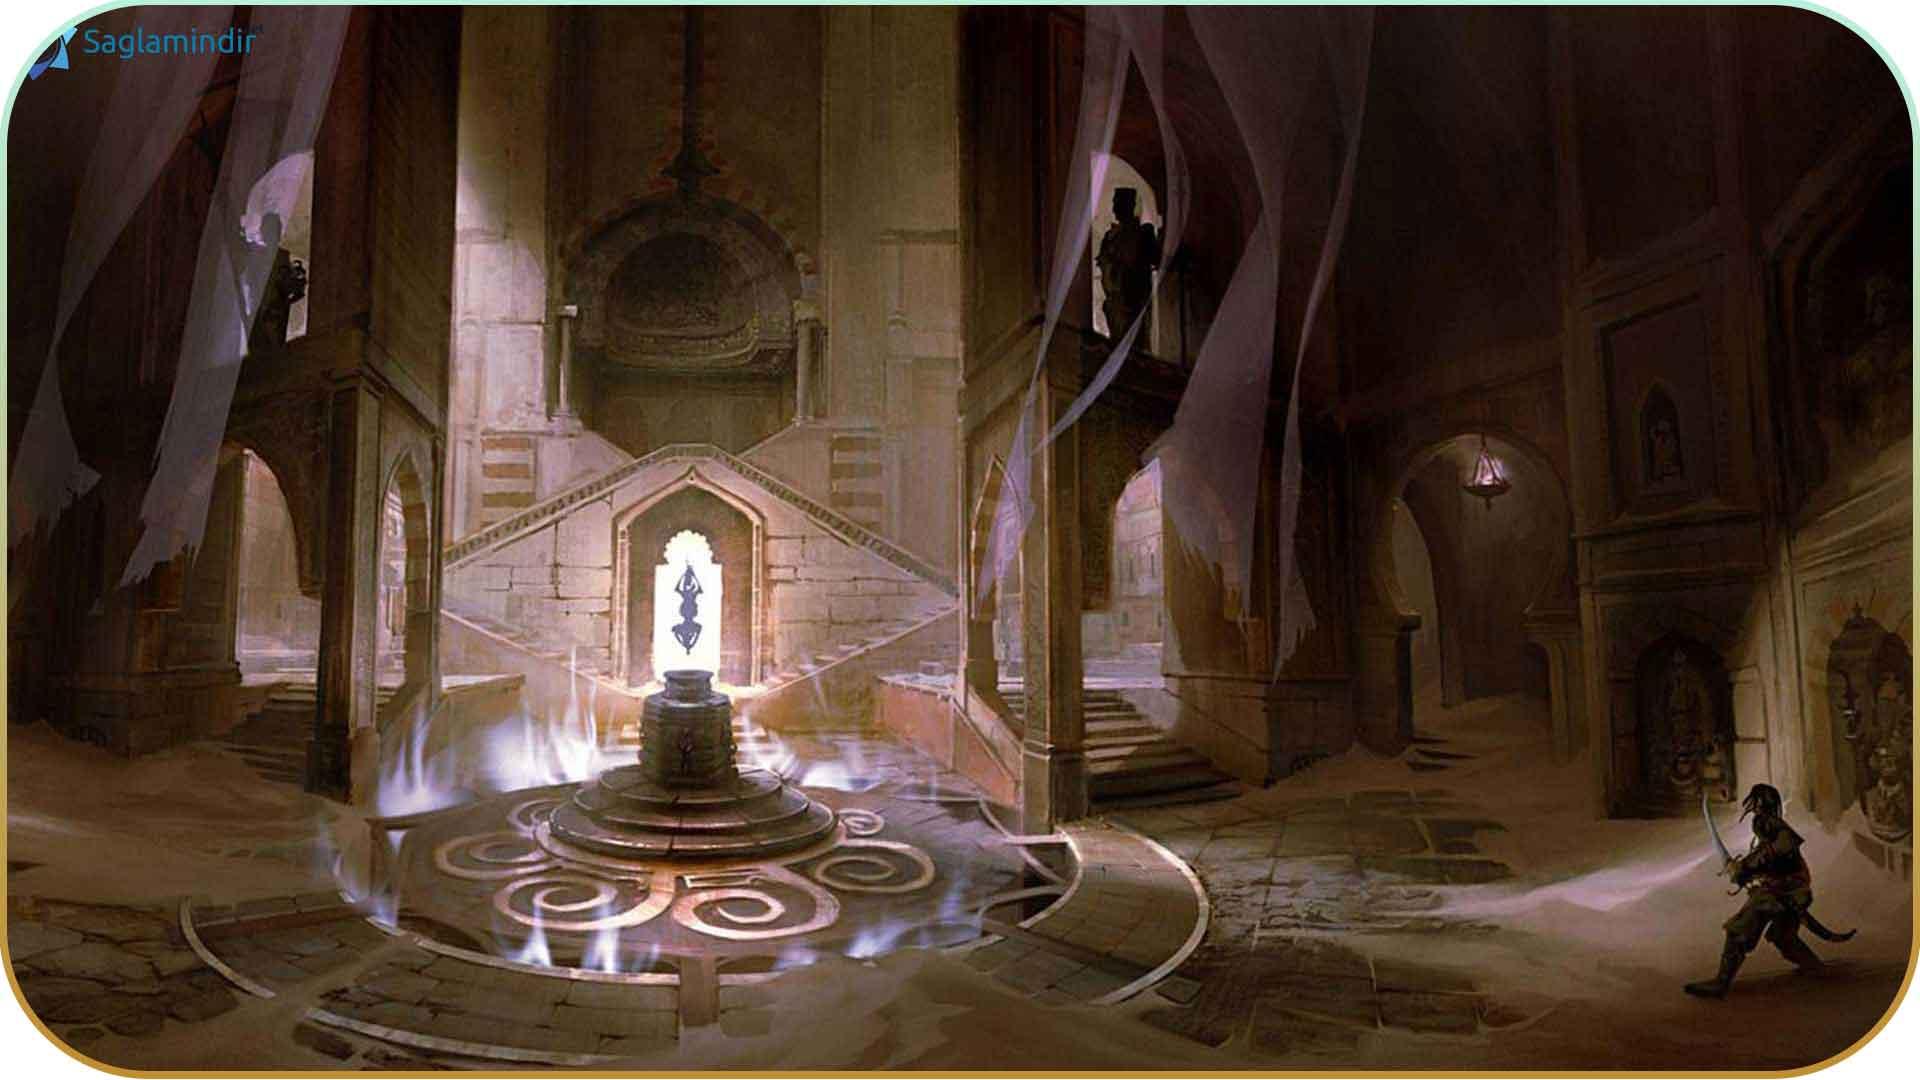 Prince of Persia The Forgotten Sands saglamindir